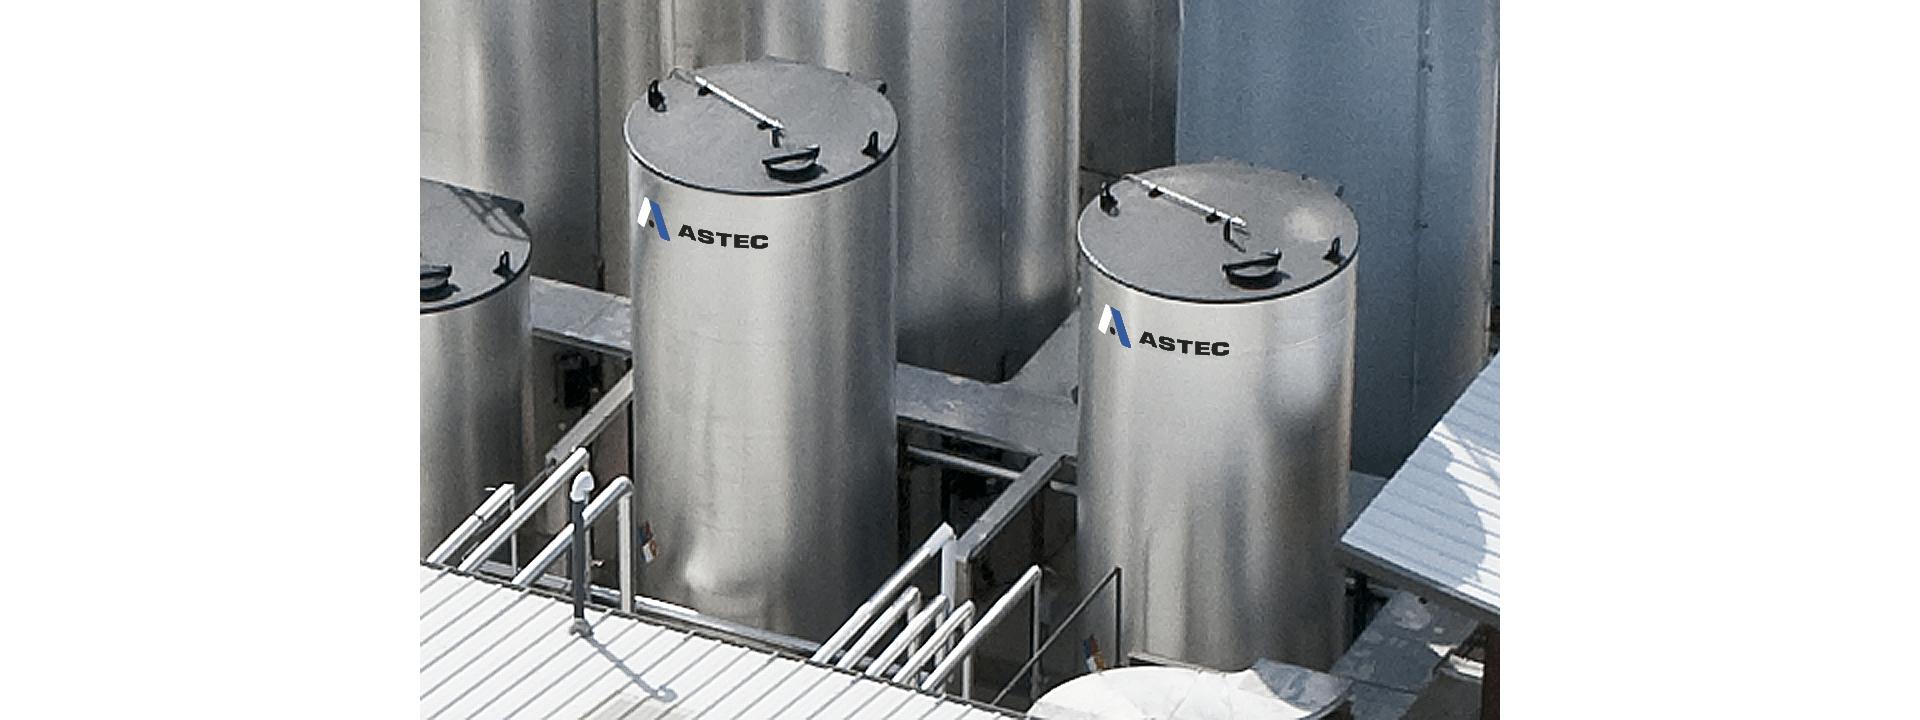 Heatec Surfactant Tanks